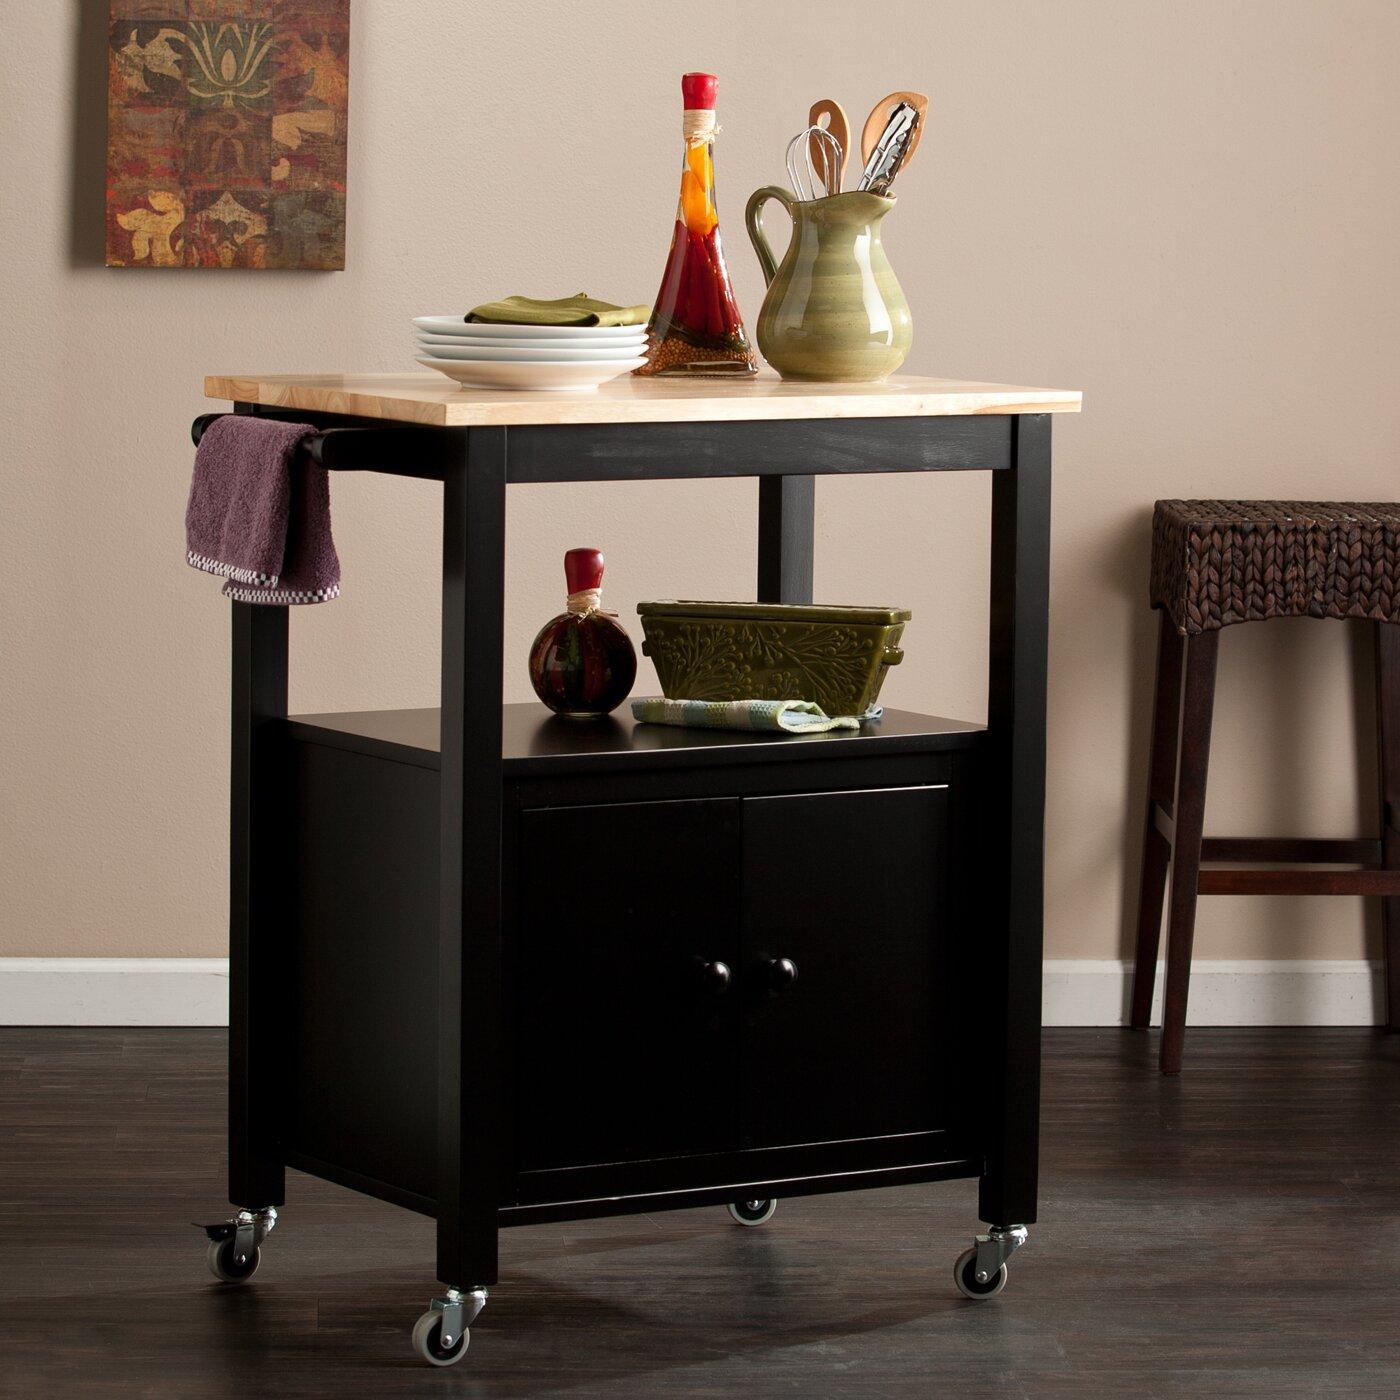 alcott hill tiltonsville kitchen cart with butcher block. Black Bedroom Furniture Sets. Home Design Ideas